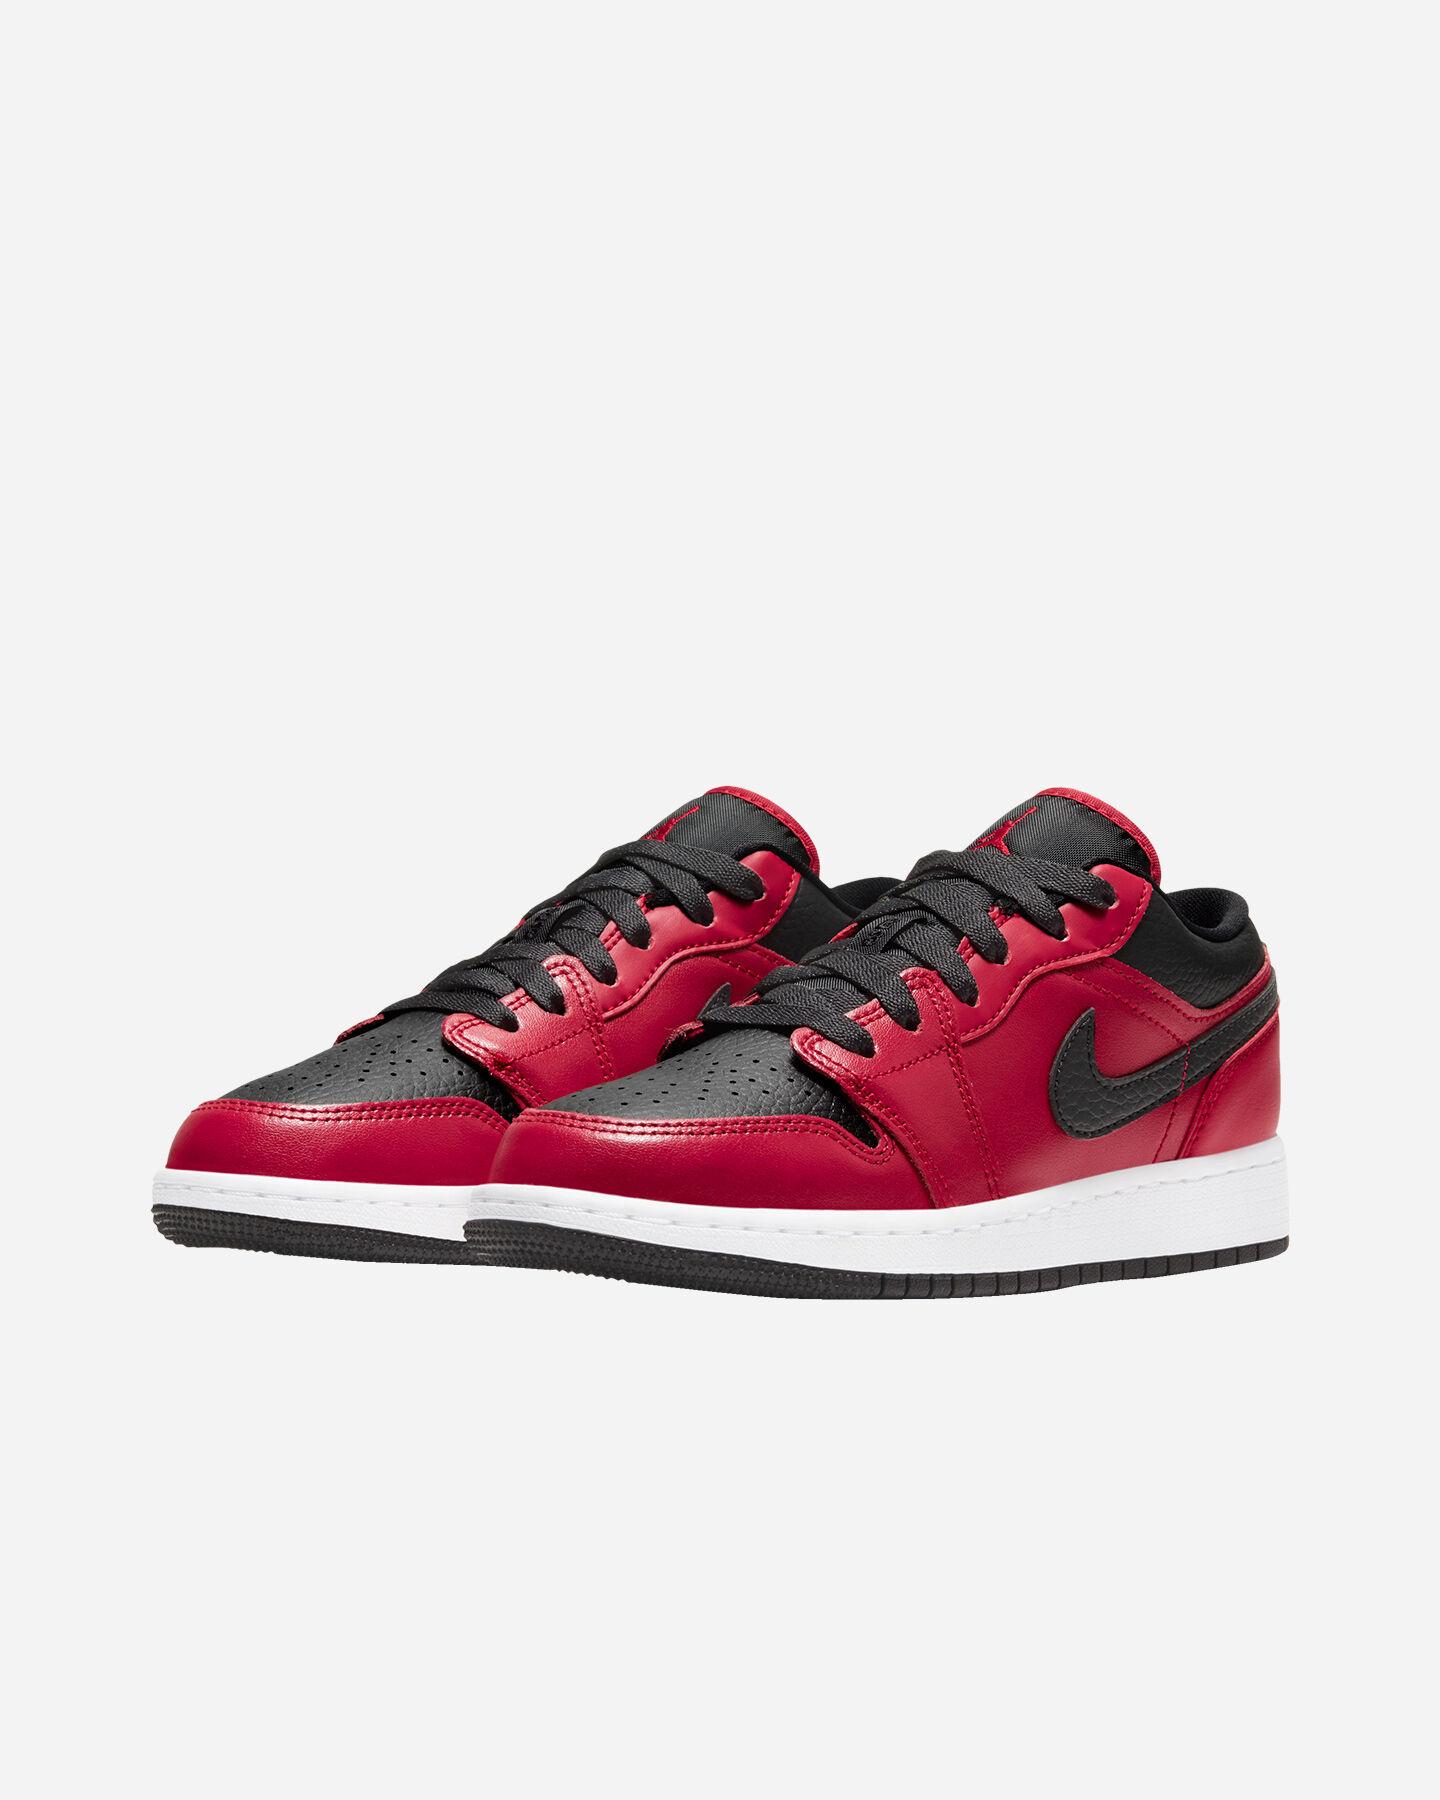 Scarpe sneakers NIKE AIR JORDAN 1 LOW GS JR S5270339 scatto 1